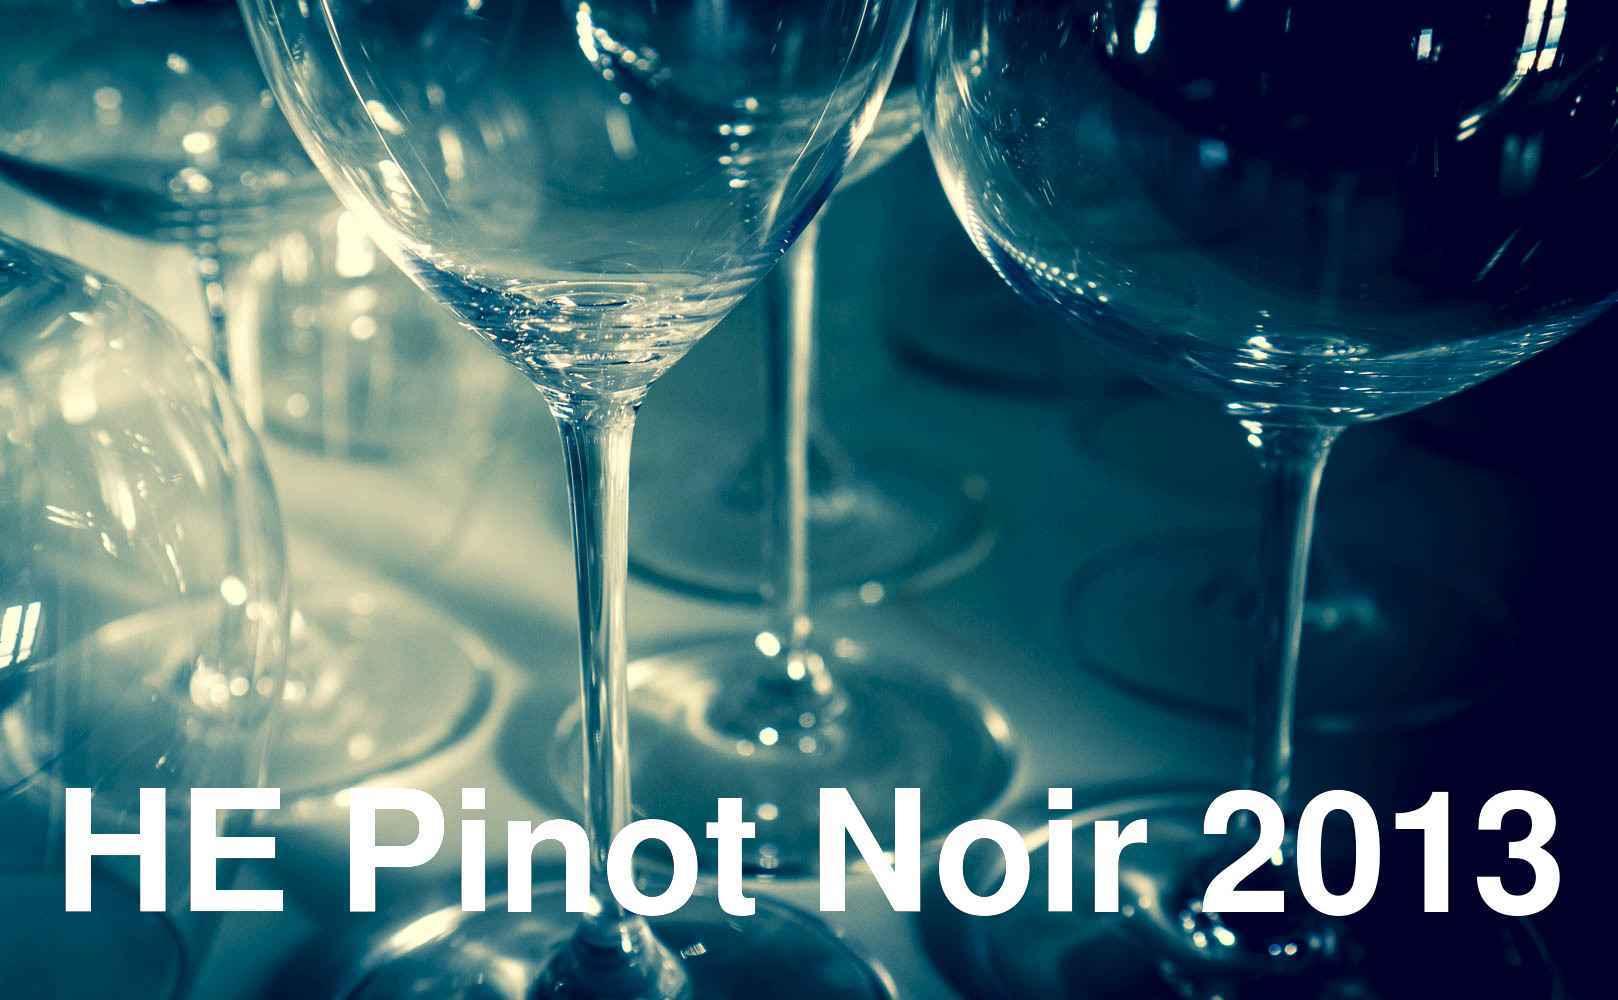 HE Pinot Noir 2013 von Hans Erich Dausch aus Pfalz, Deutschland